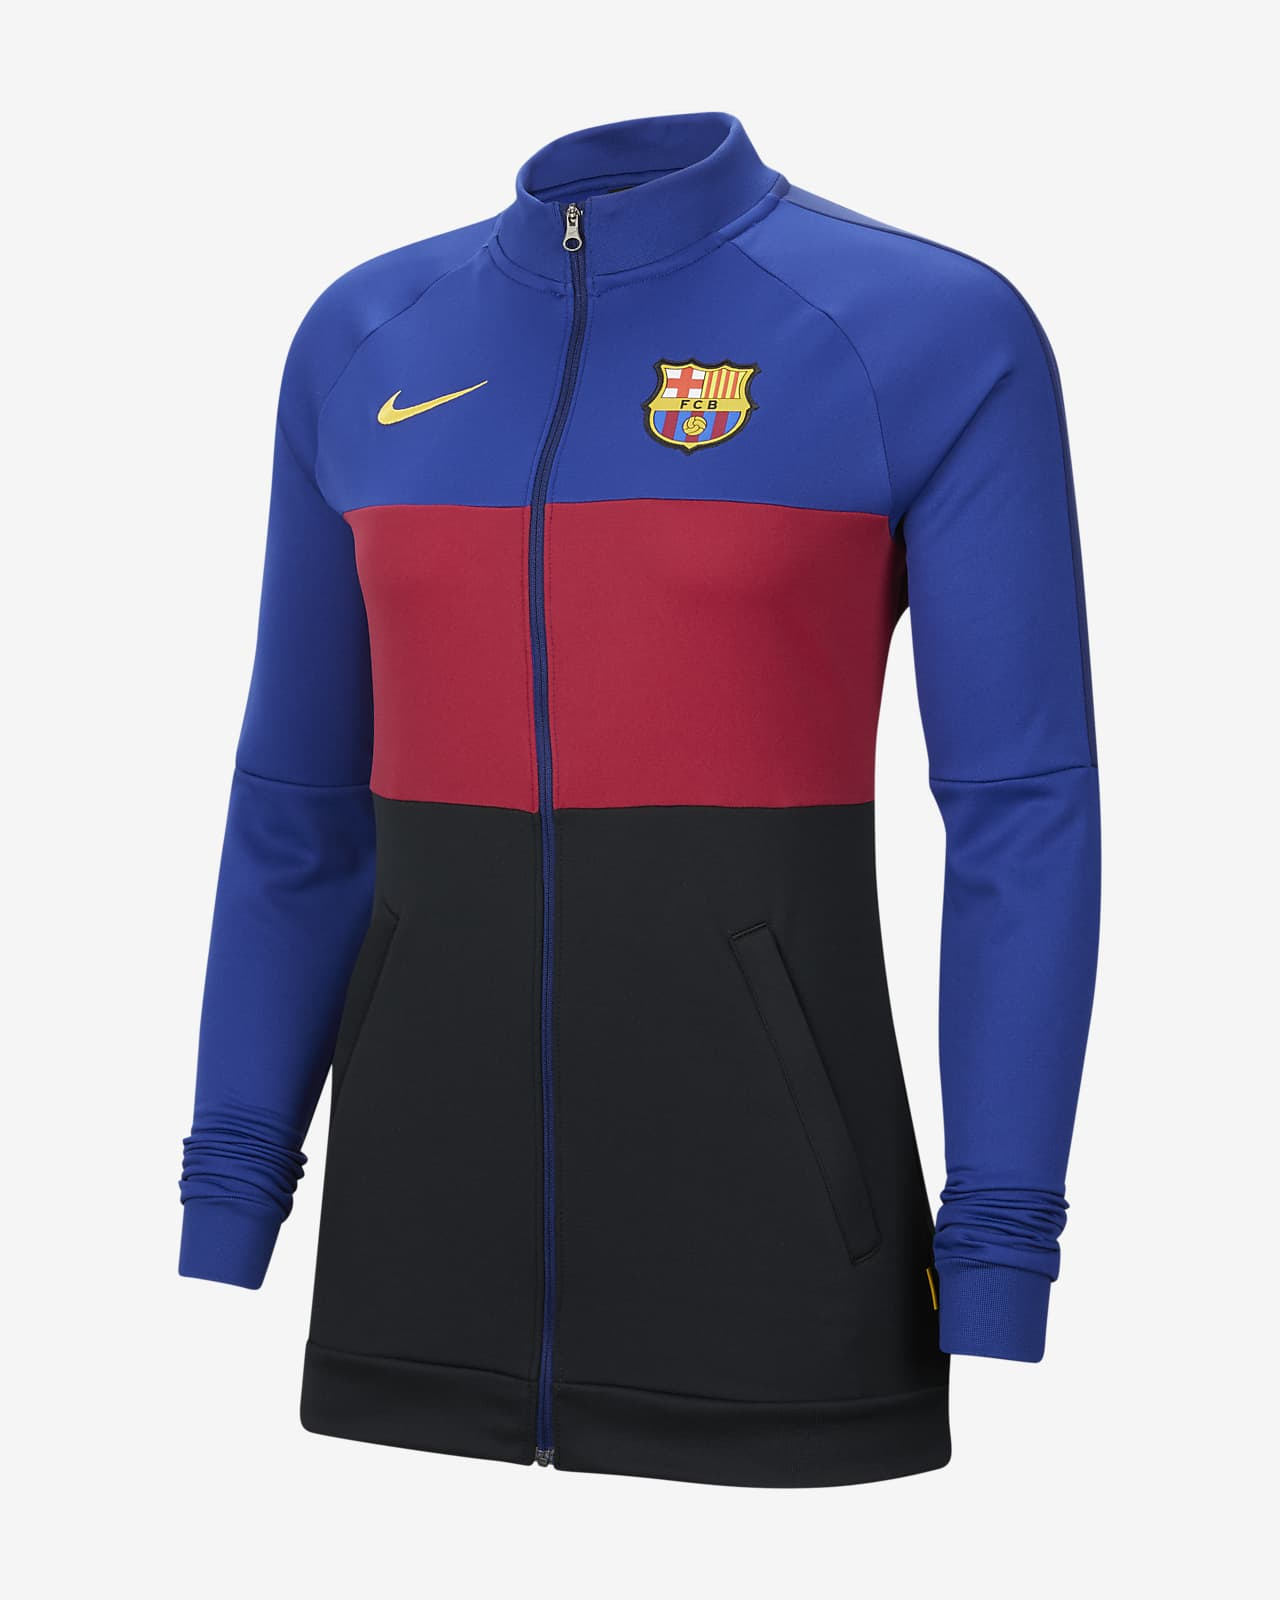 Unión Banquete Oficiales  FC Barcelona Chaqueta de chándal de fútbol - Mujer. Nike ES